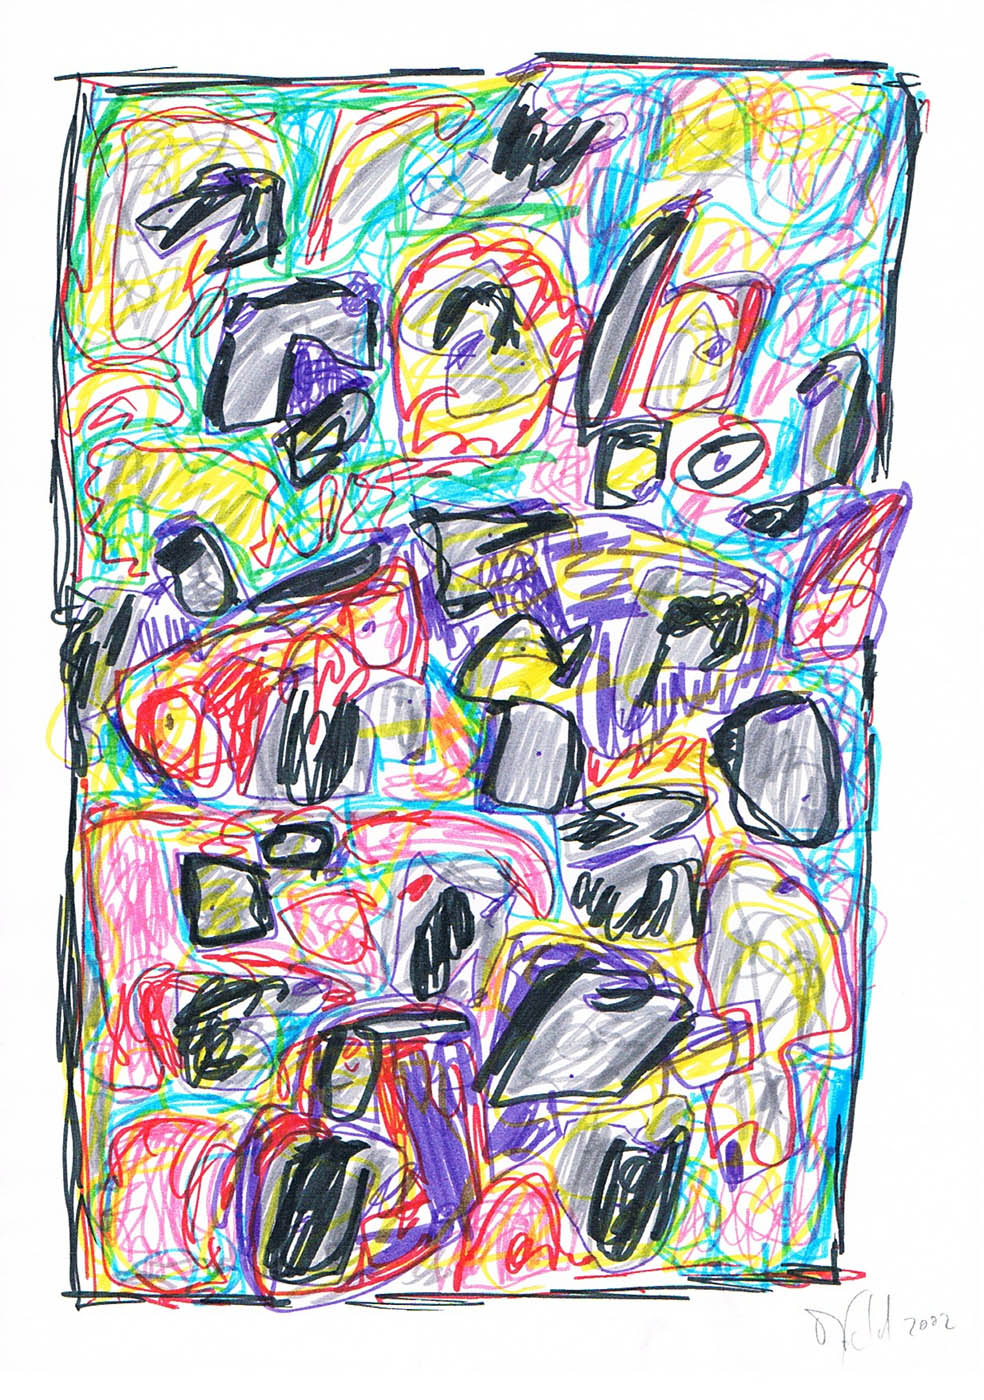 MARC FELD 2002 VOLIÈRE 5 Stylo feutre sur papier 21 x 29,7 cm